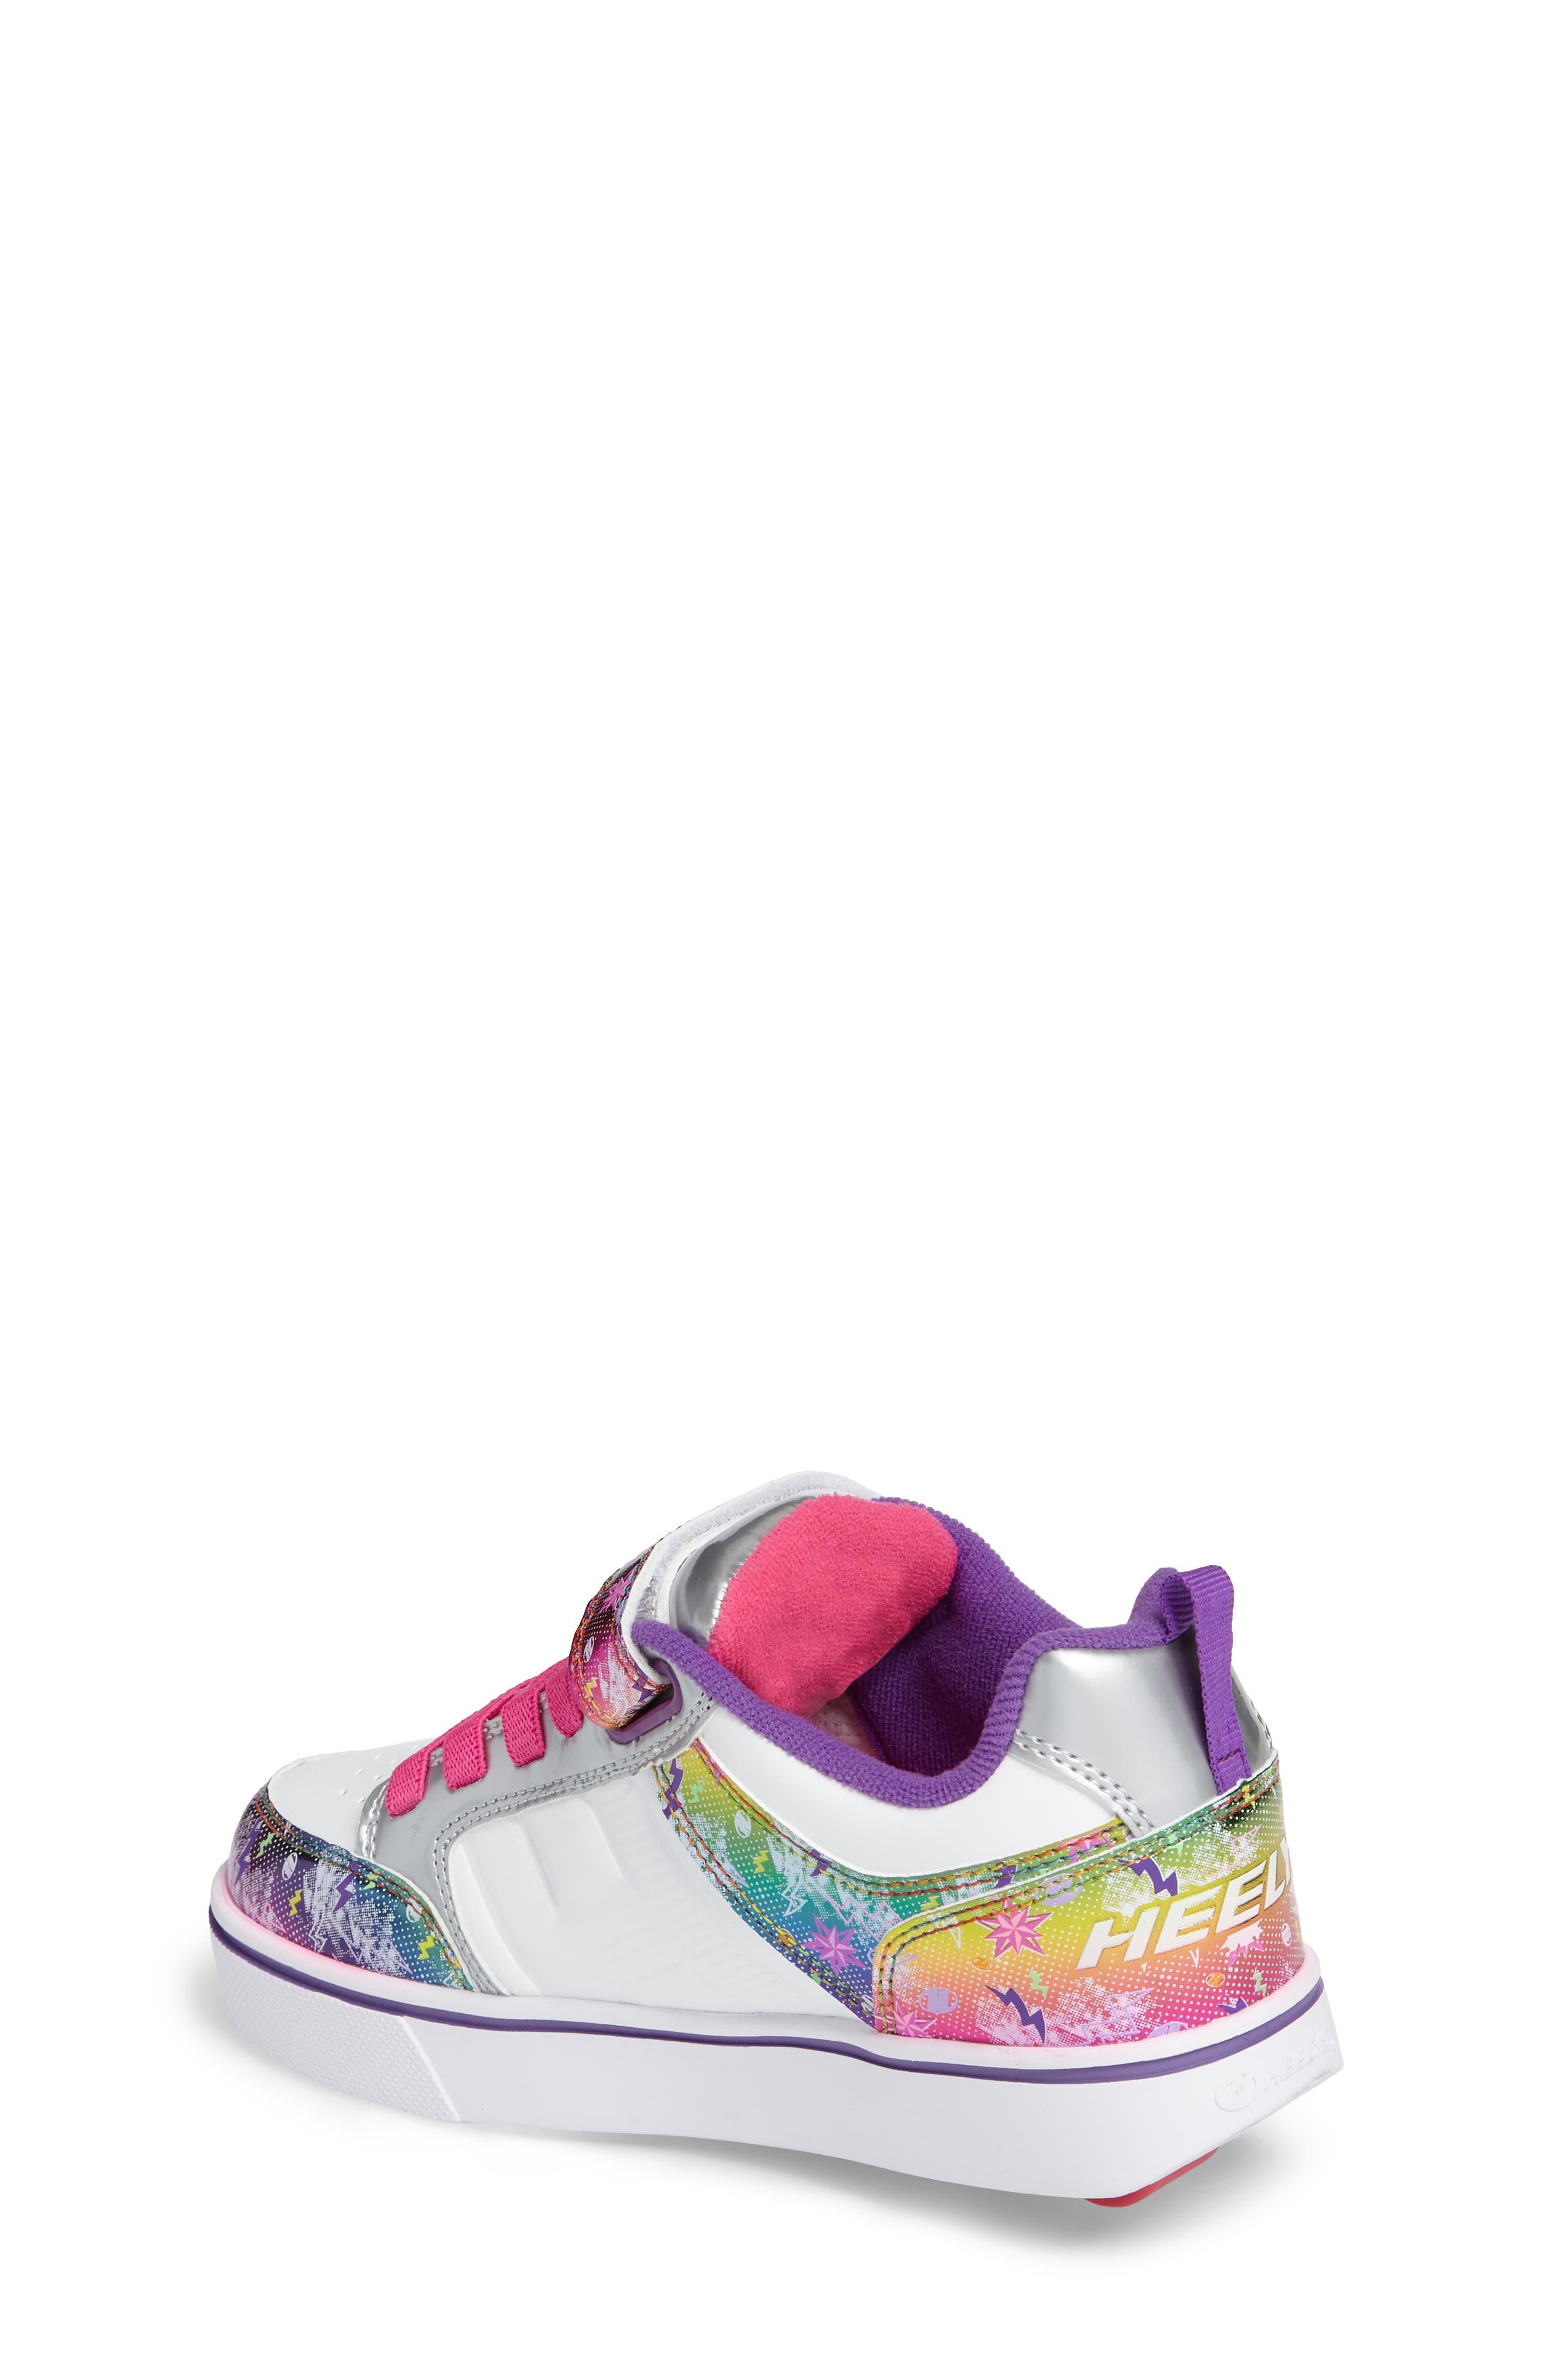 Bolt Plus X2 Light-Up Skate Sneaker,                             Alternate thumbnail 2, color,                             162